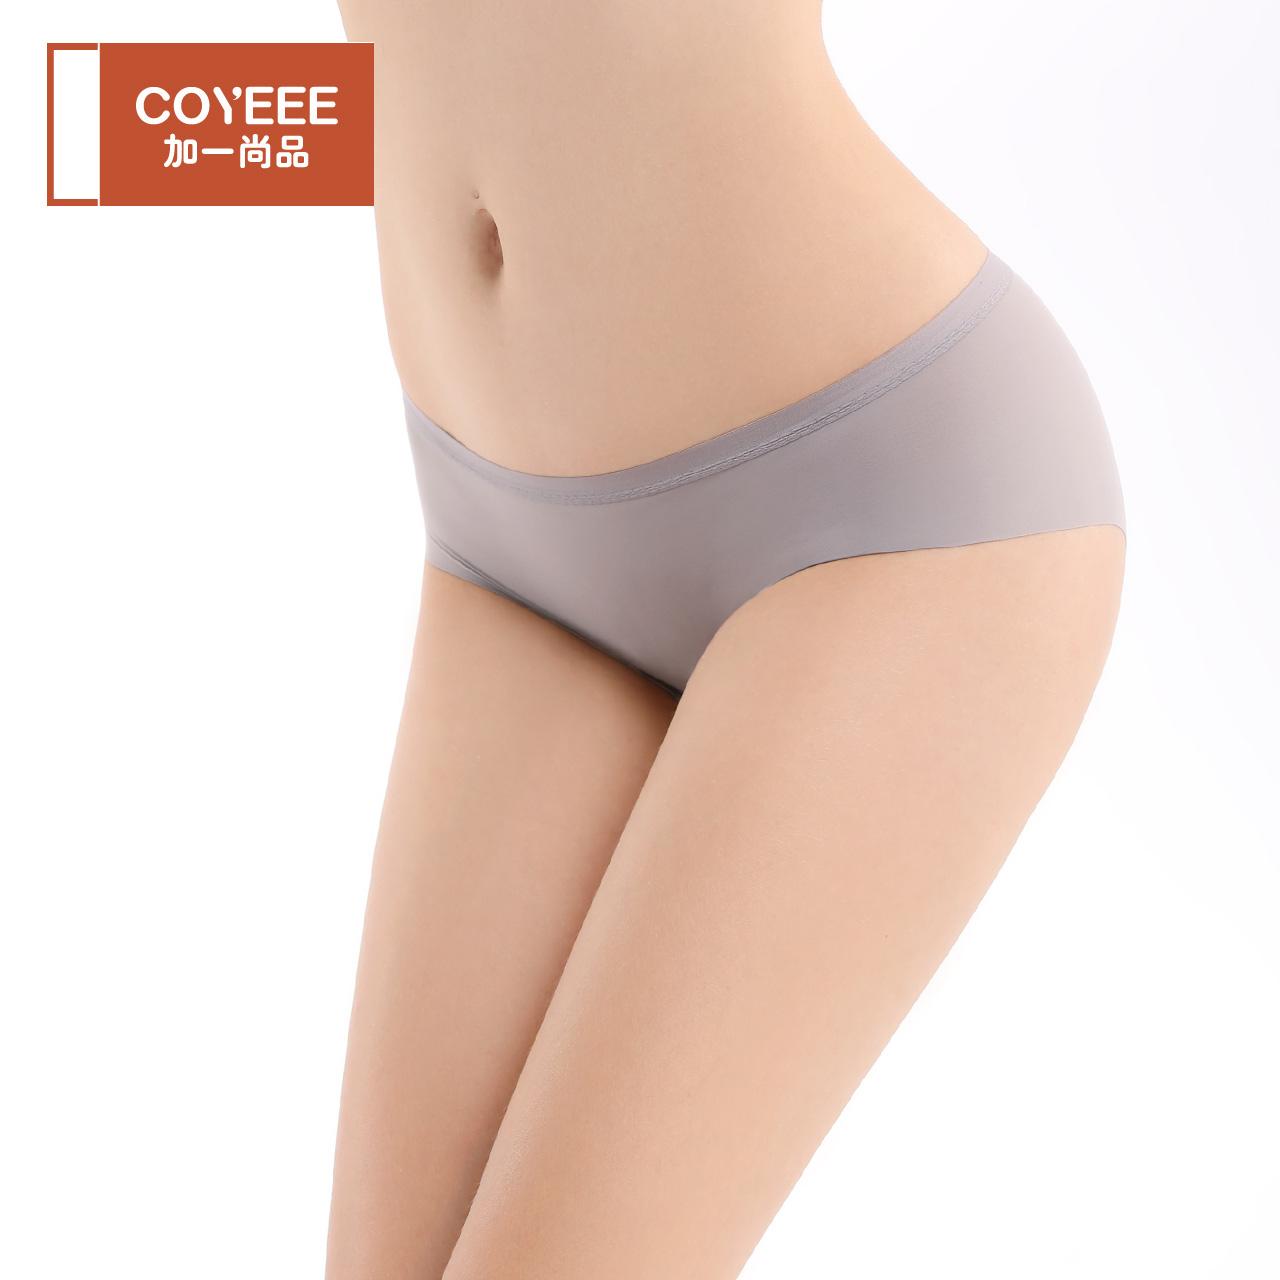 加一尚品内裤 性感薄款低腰无痕女士平角星期裤G01